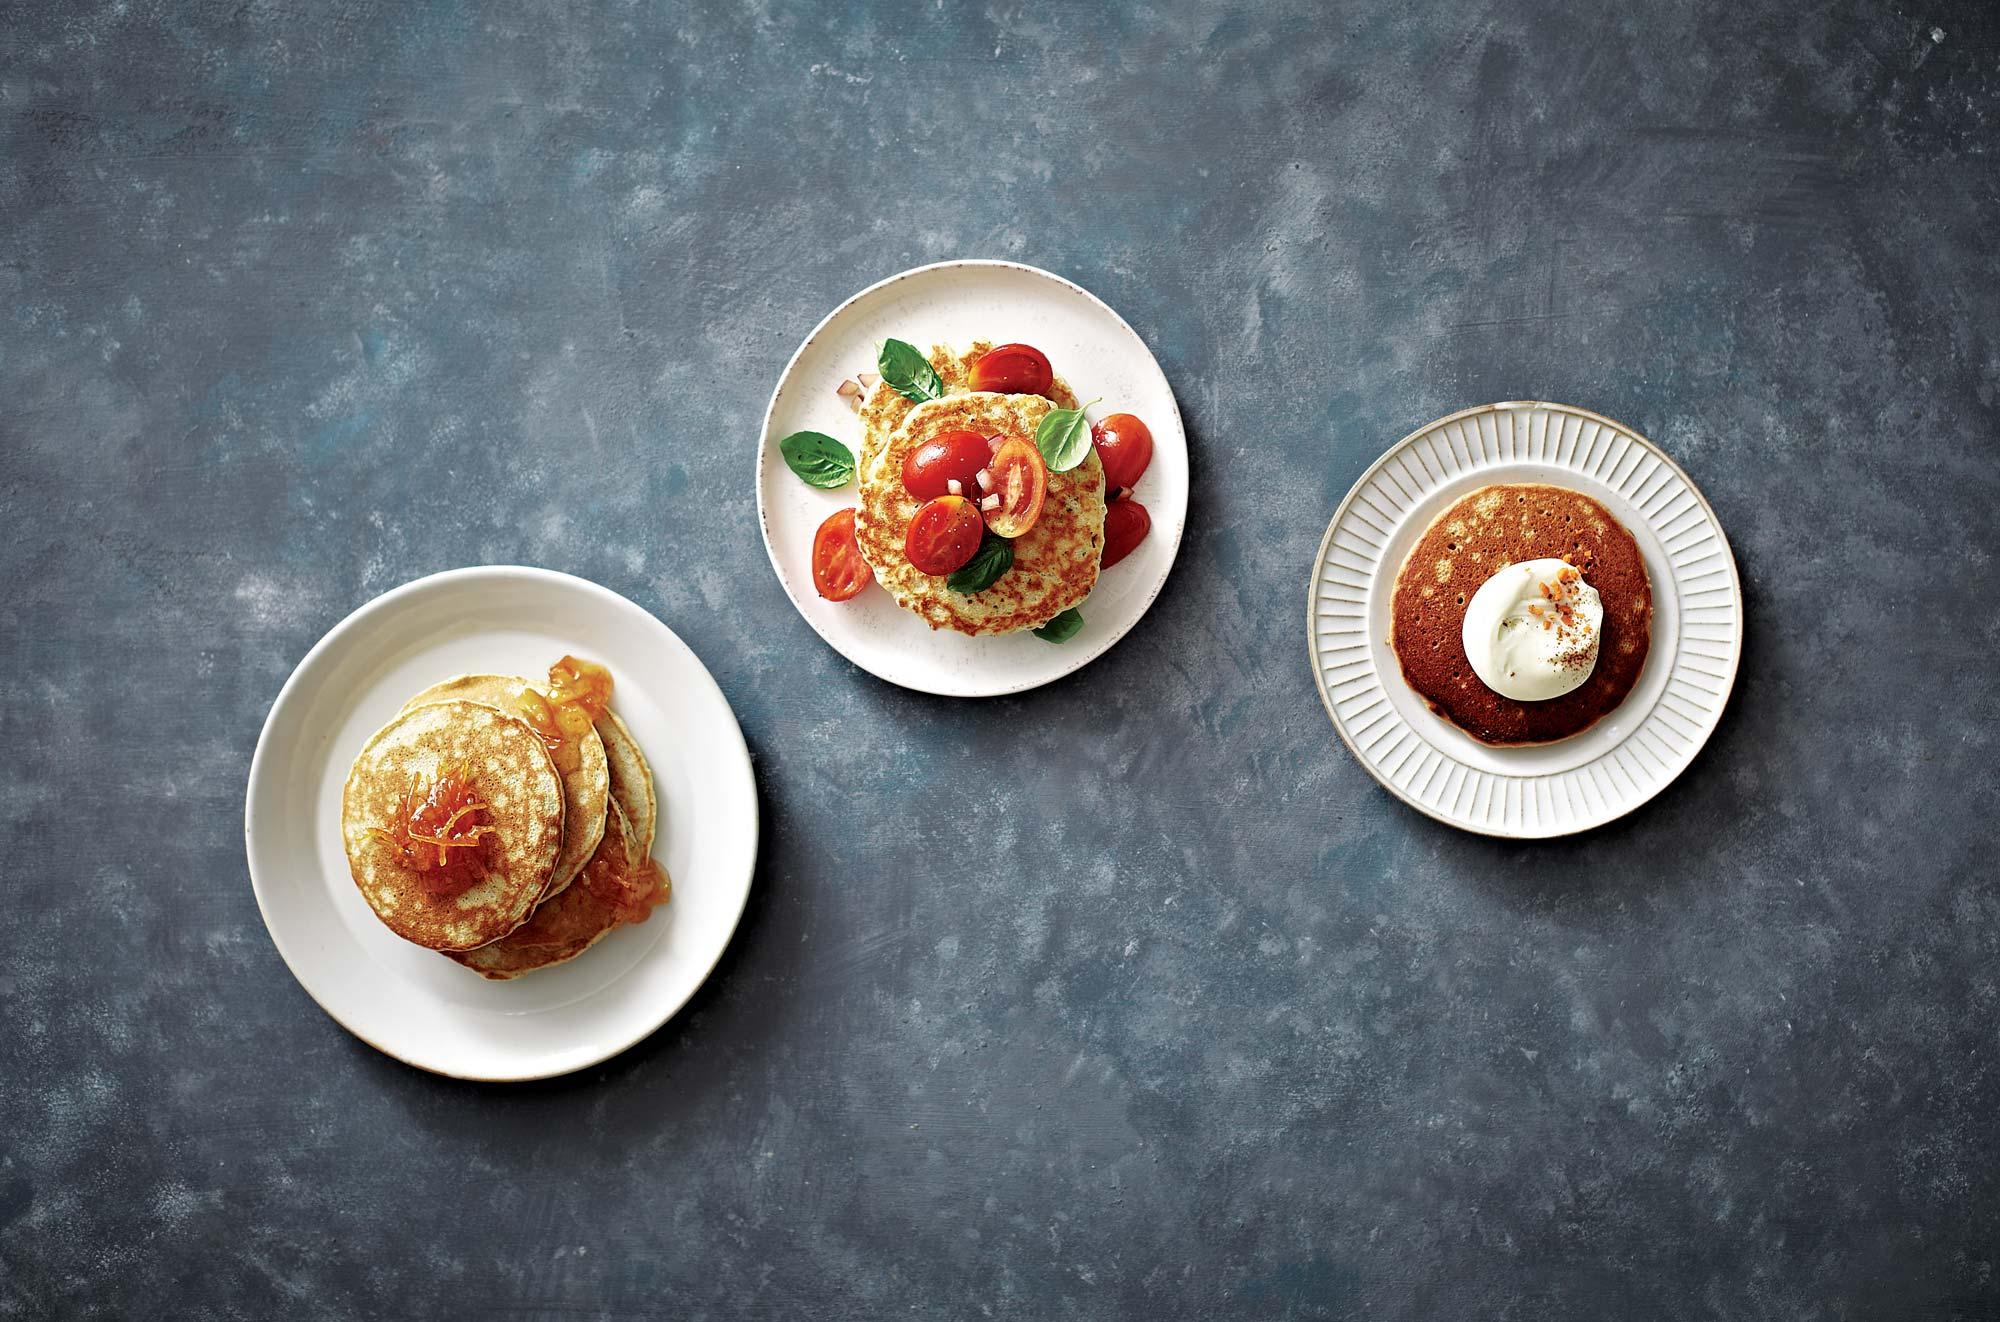 왼쪽부터 홍차팬케이크, 파르메산치즈팬케이크, 당근팬케이크 © 양성모